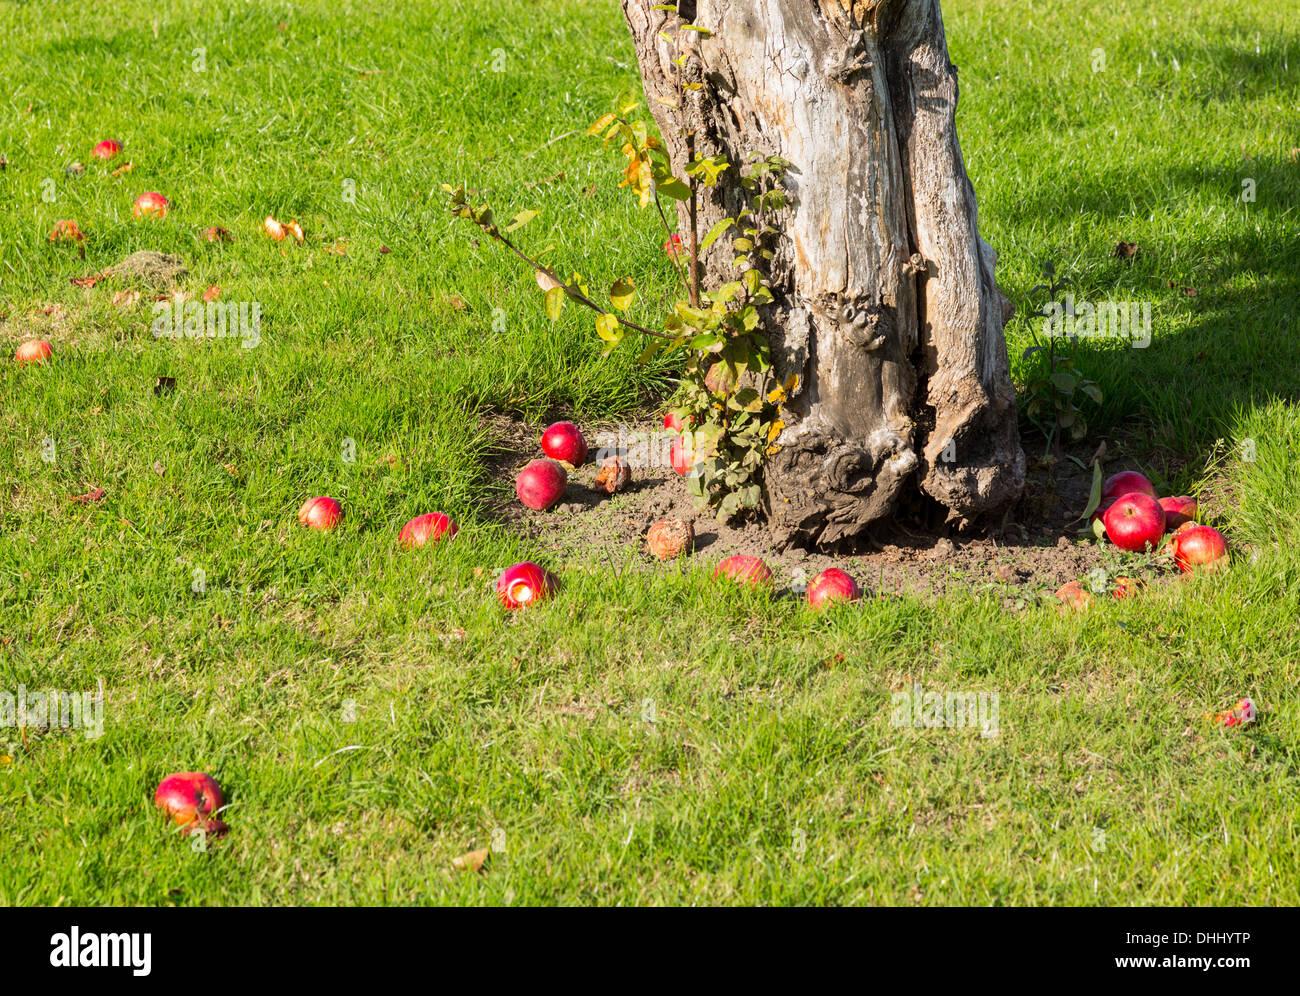 Gefallenen Äpfel aus einem Apfelbaum in einem Obstgarten Stockbild